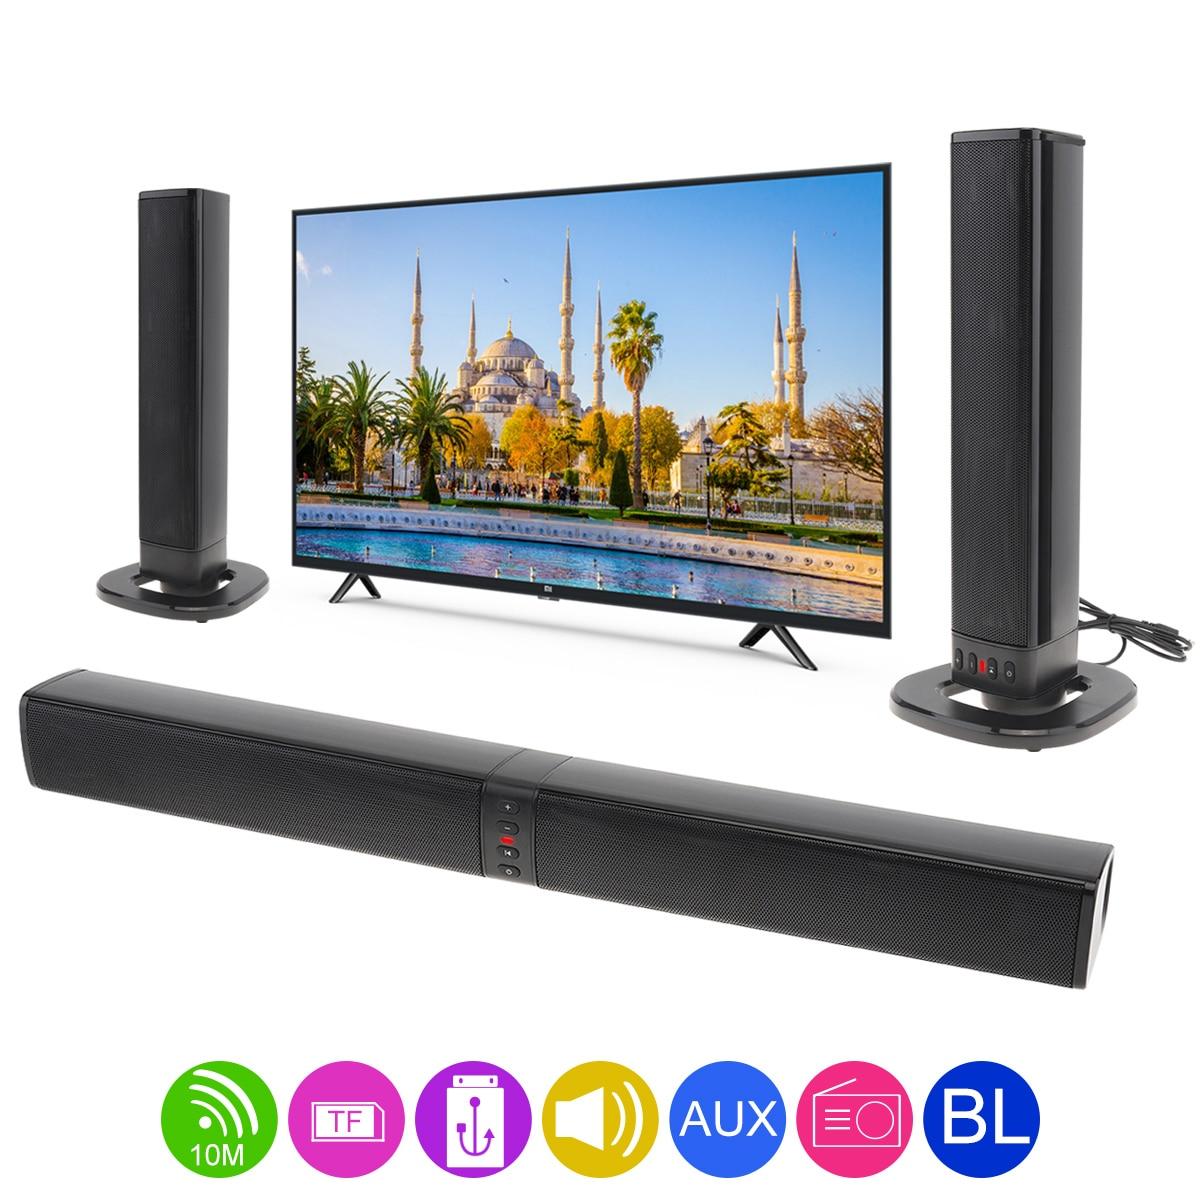 BS-36 Home cinéma Surround multi-fonction Bluetooth barre de son haut-parleur avec 4 cornes de gamme complète Support pliable fendu pour TV/PC